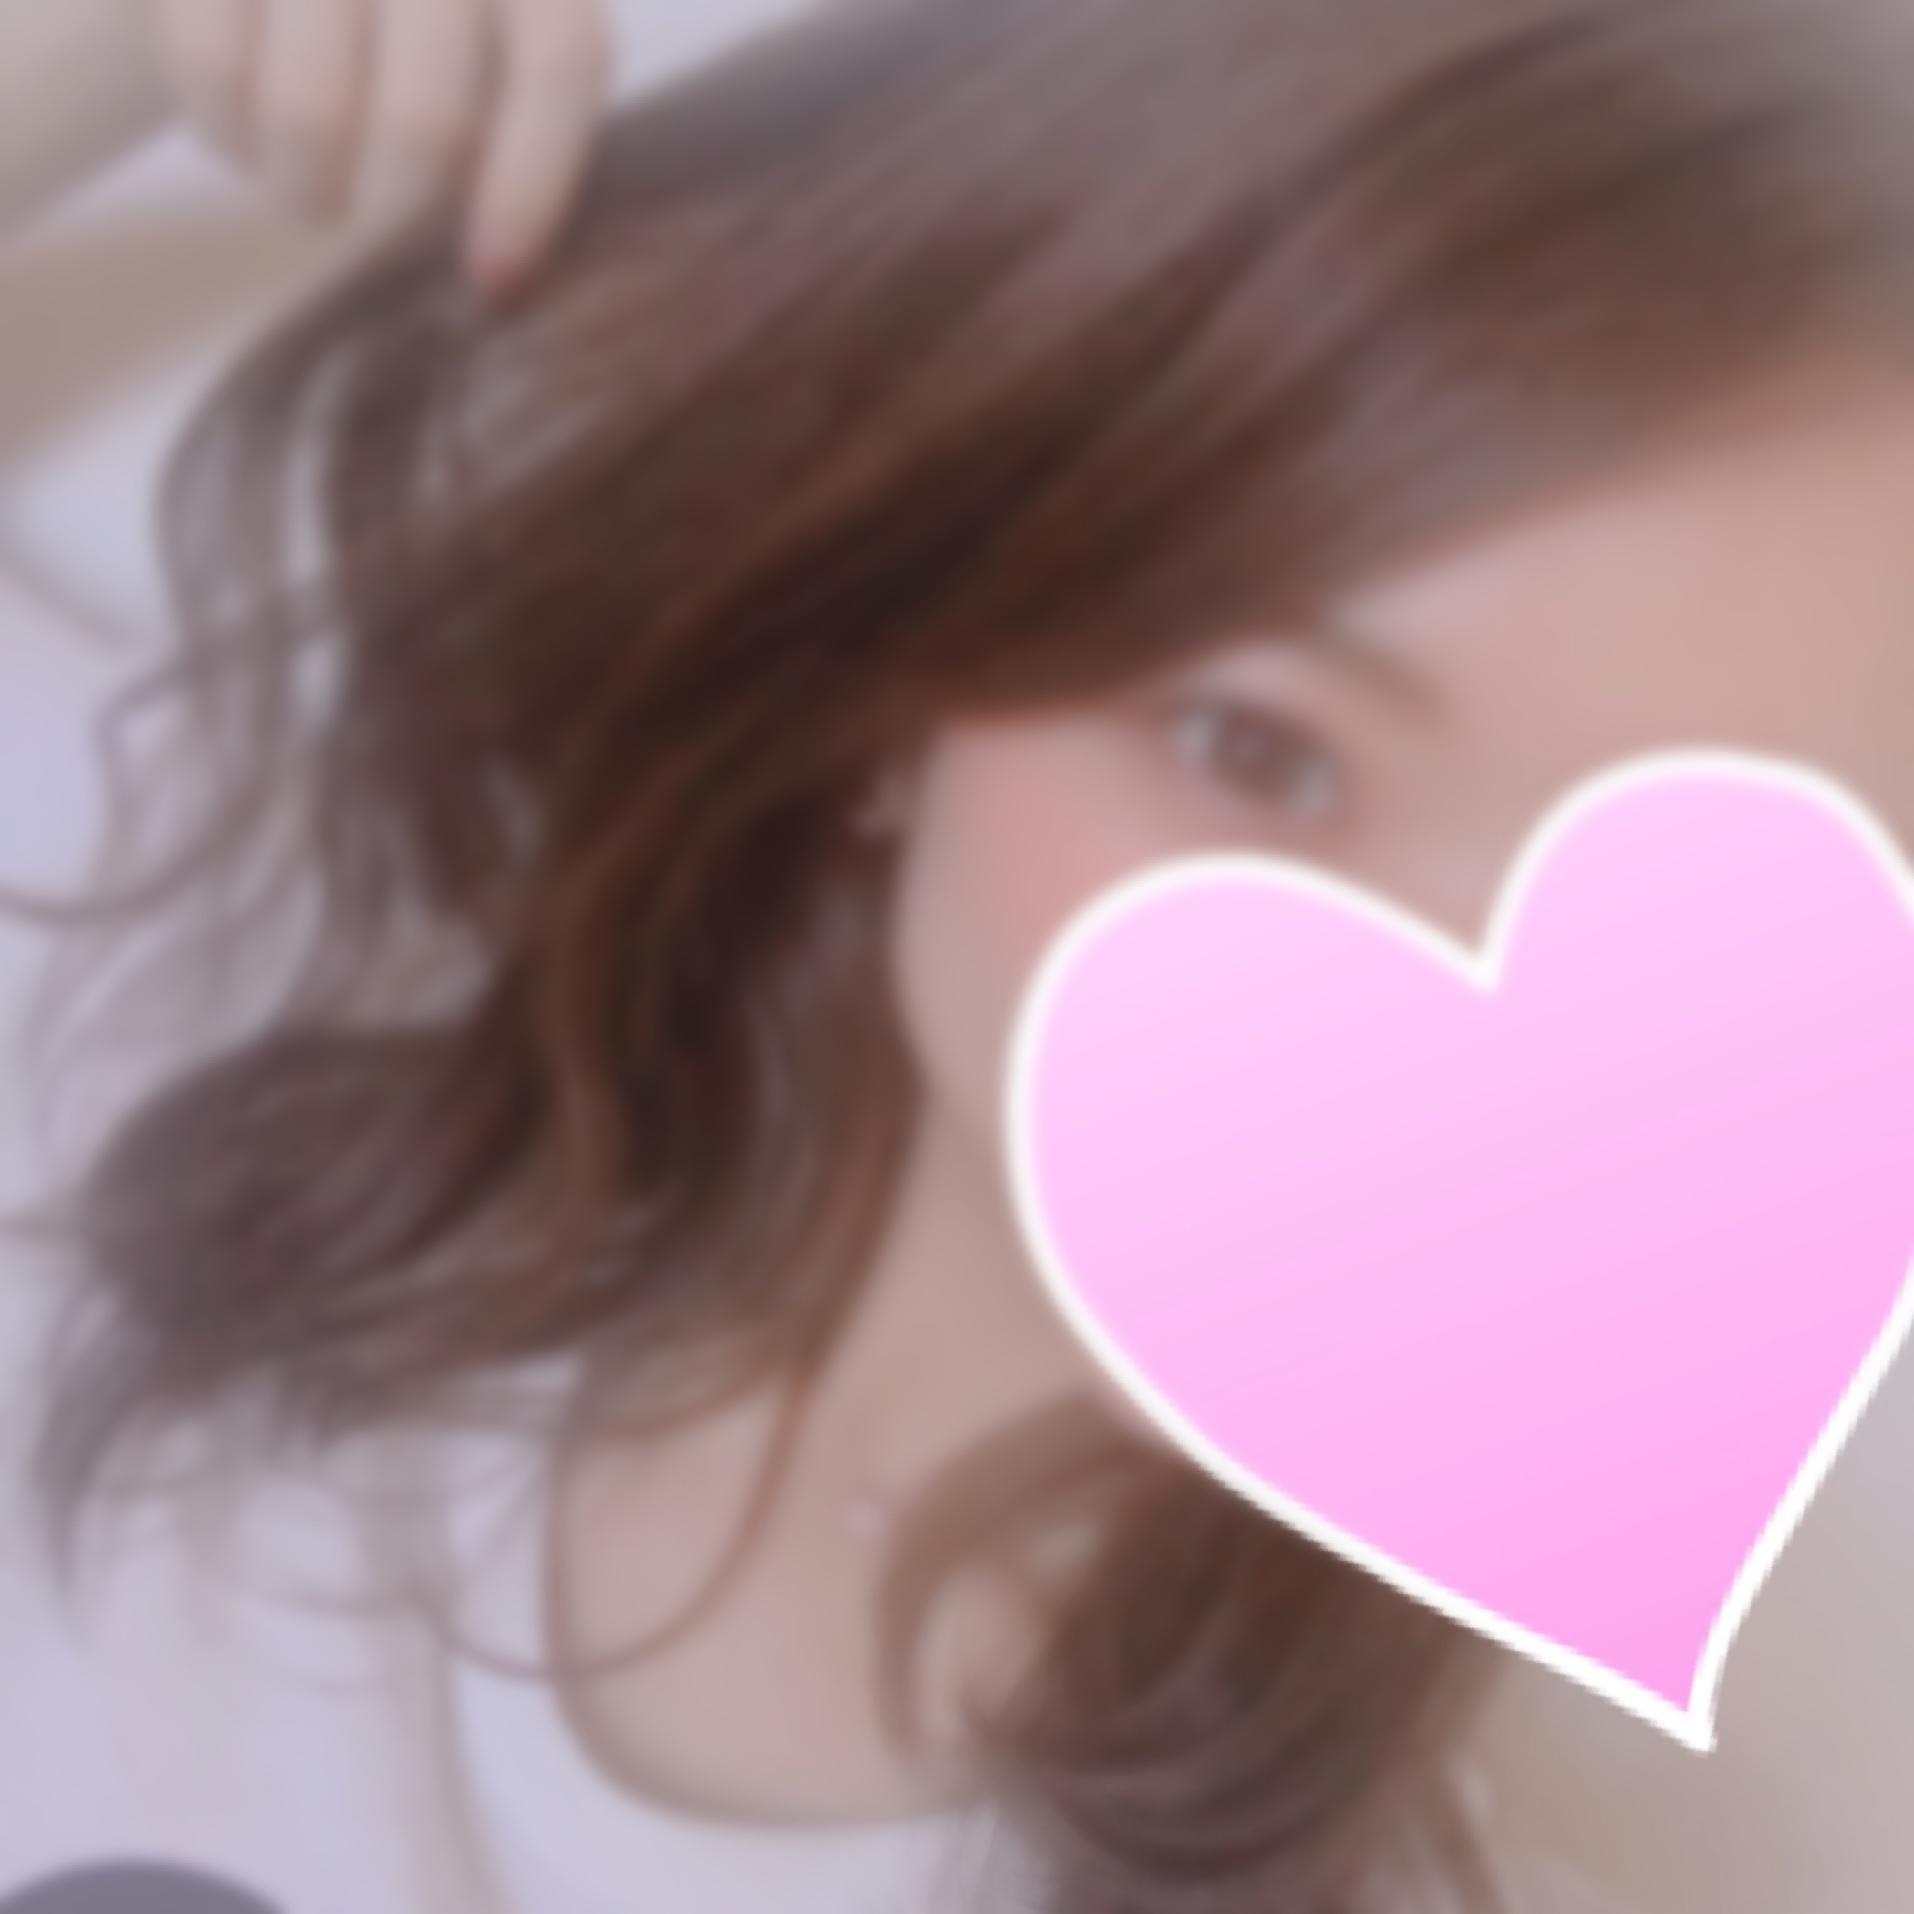 「キラキラ」05/26(土) 09:26 | のぞみの写メ・風俗動画